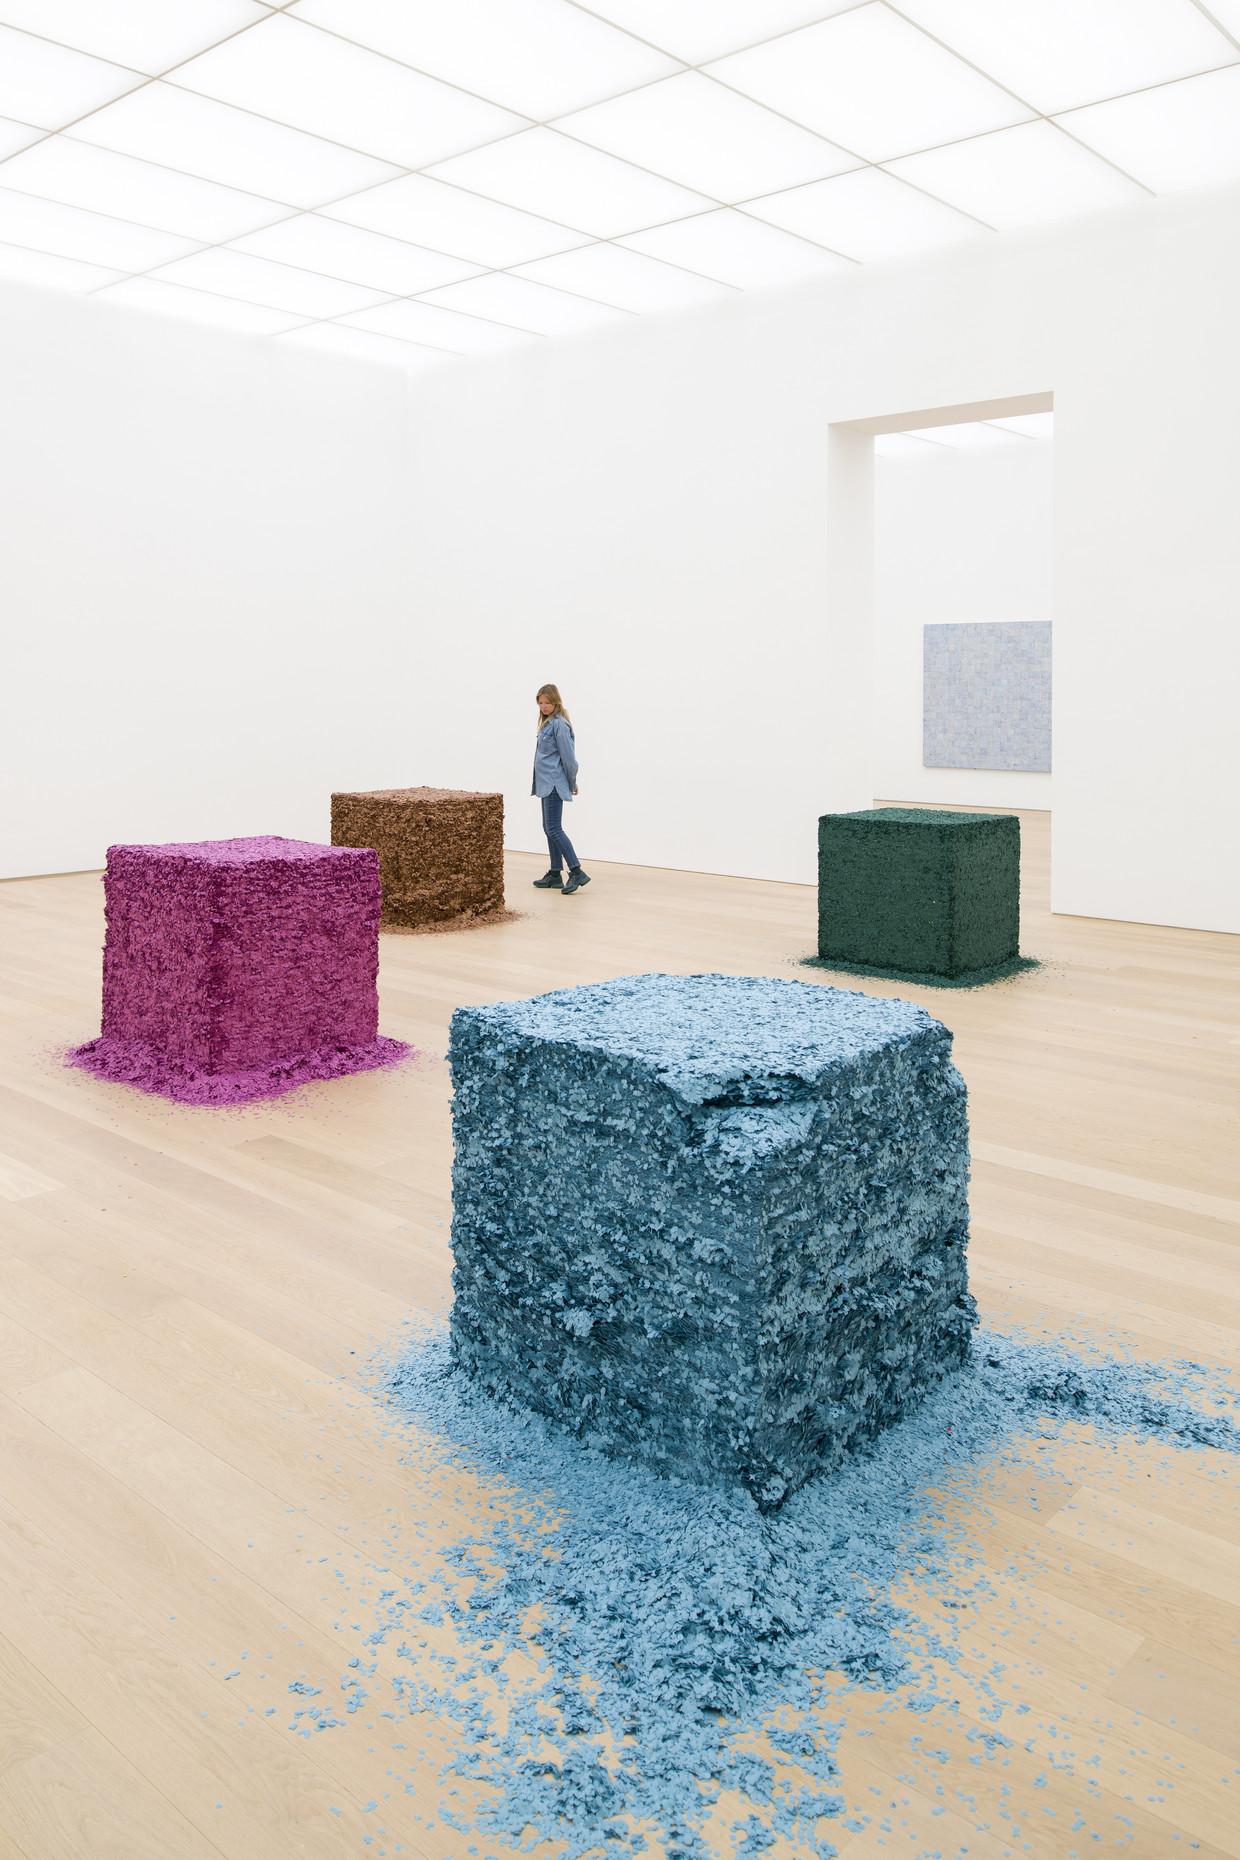 De installatie van Lara Favaretto bestaat uit vierduizend kilo confetti die in tien kubussen is geperst.